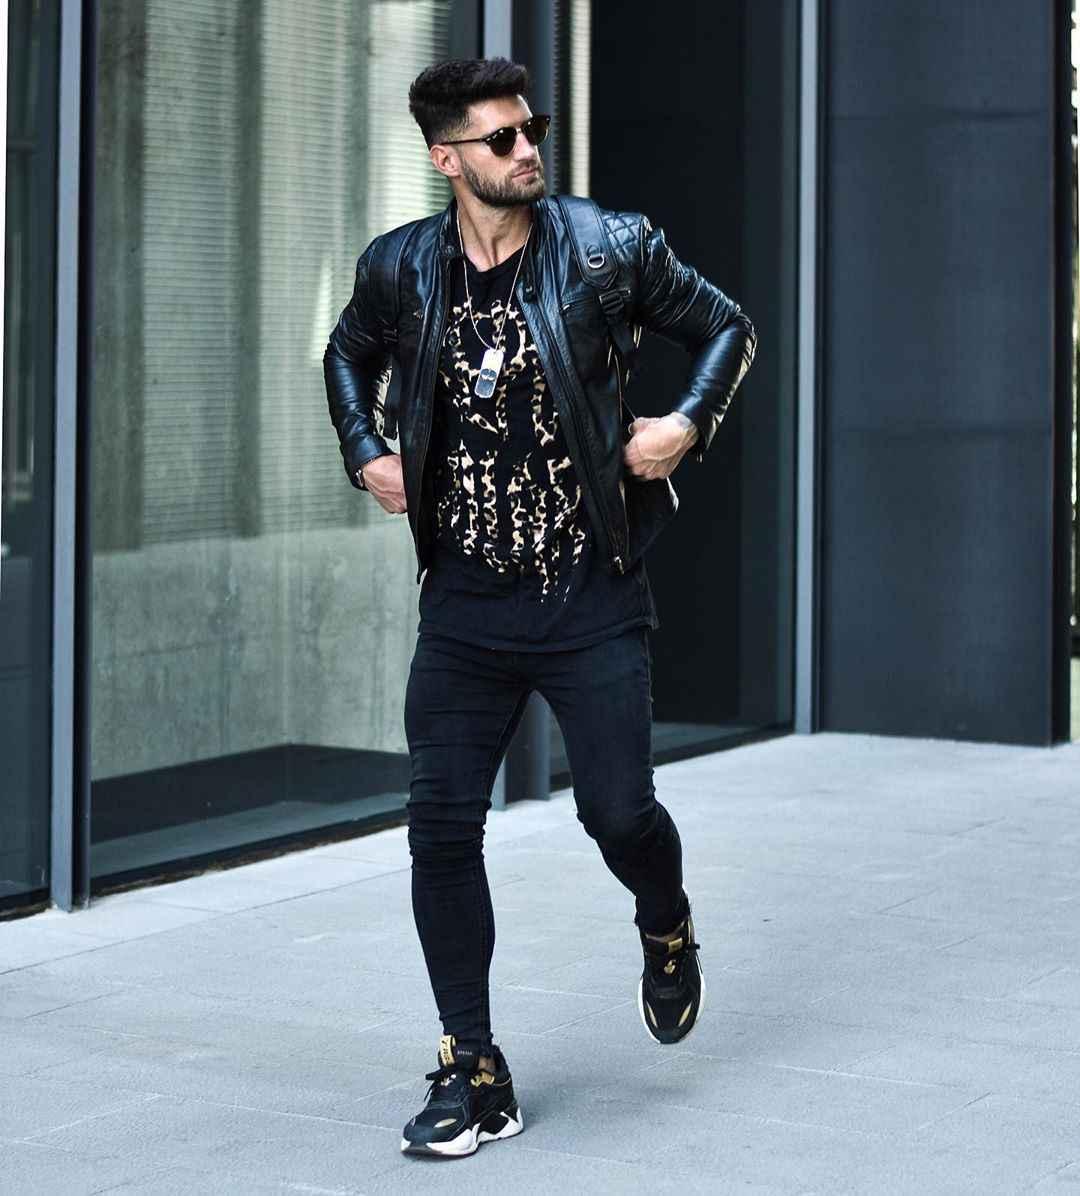 С чем носить кожаную куртку мужчине фото_29